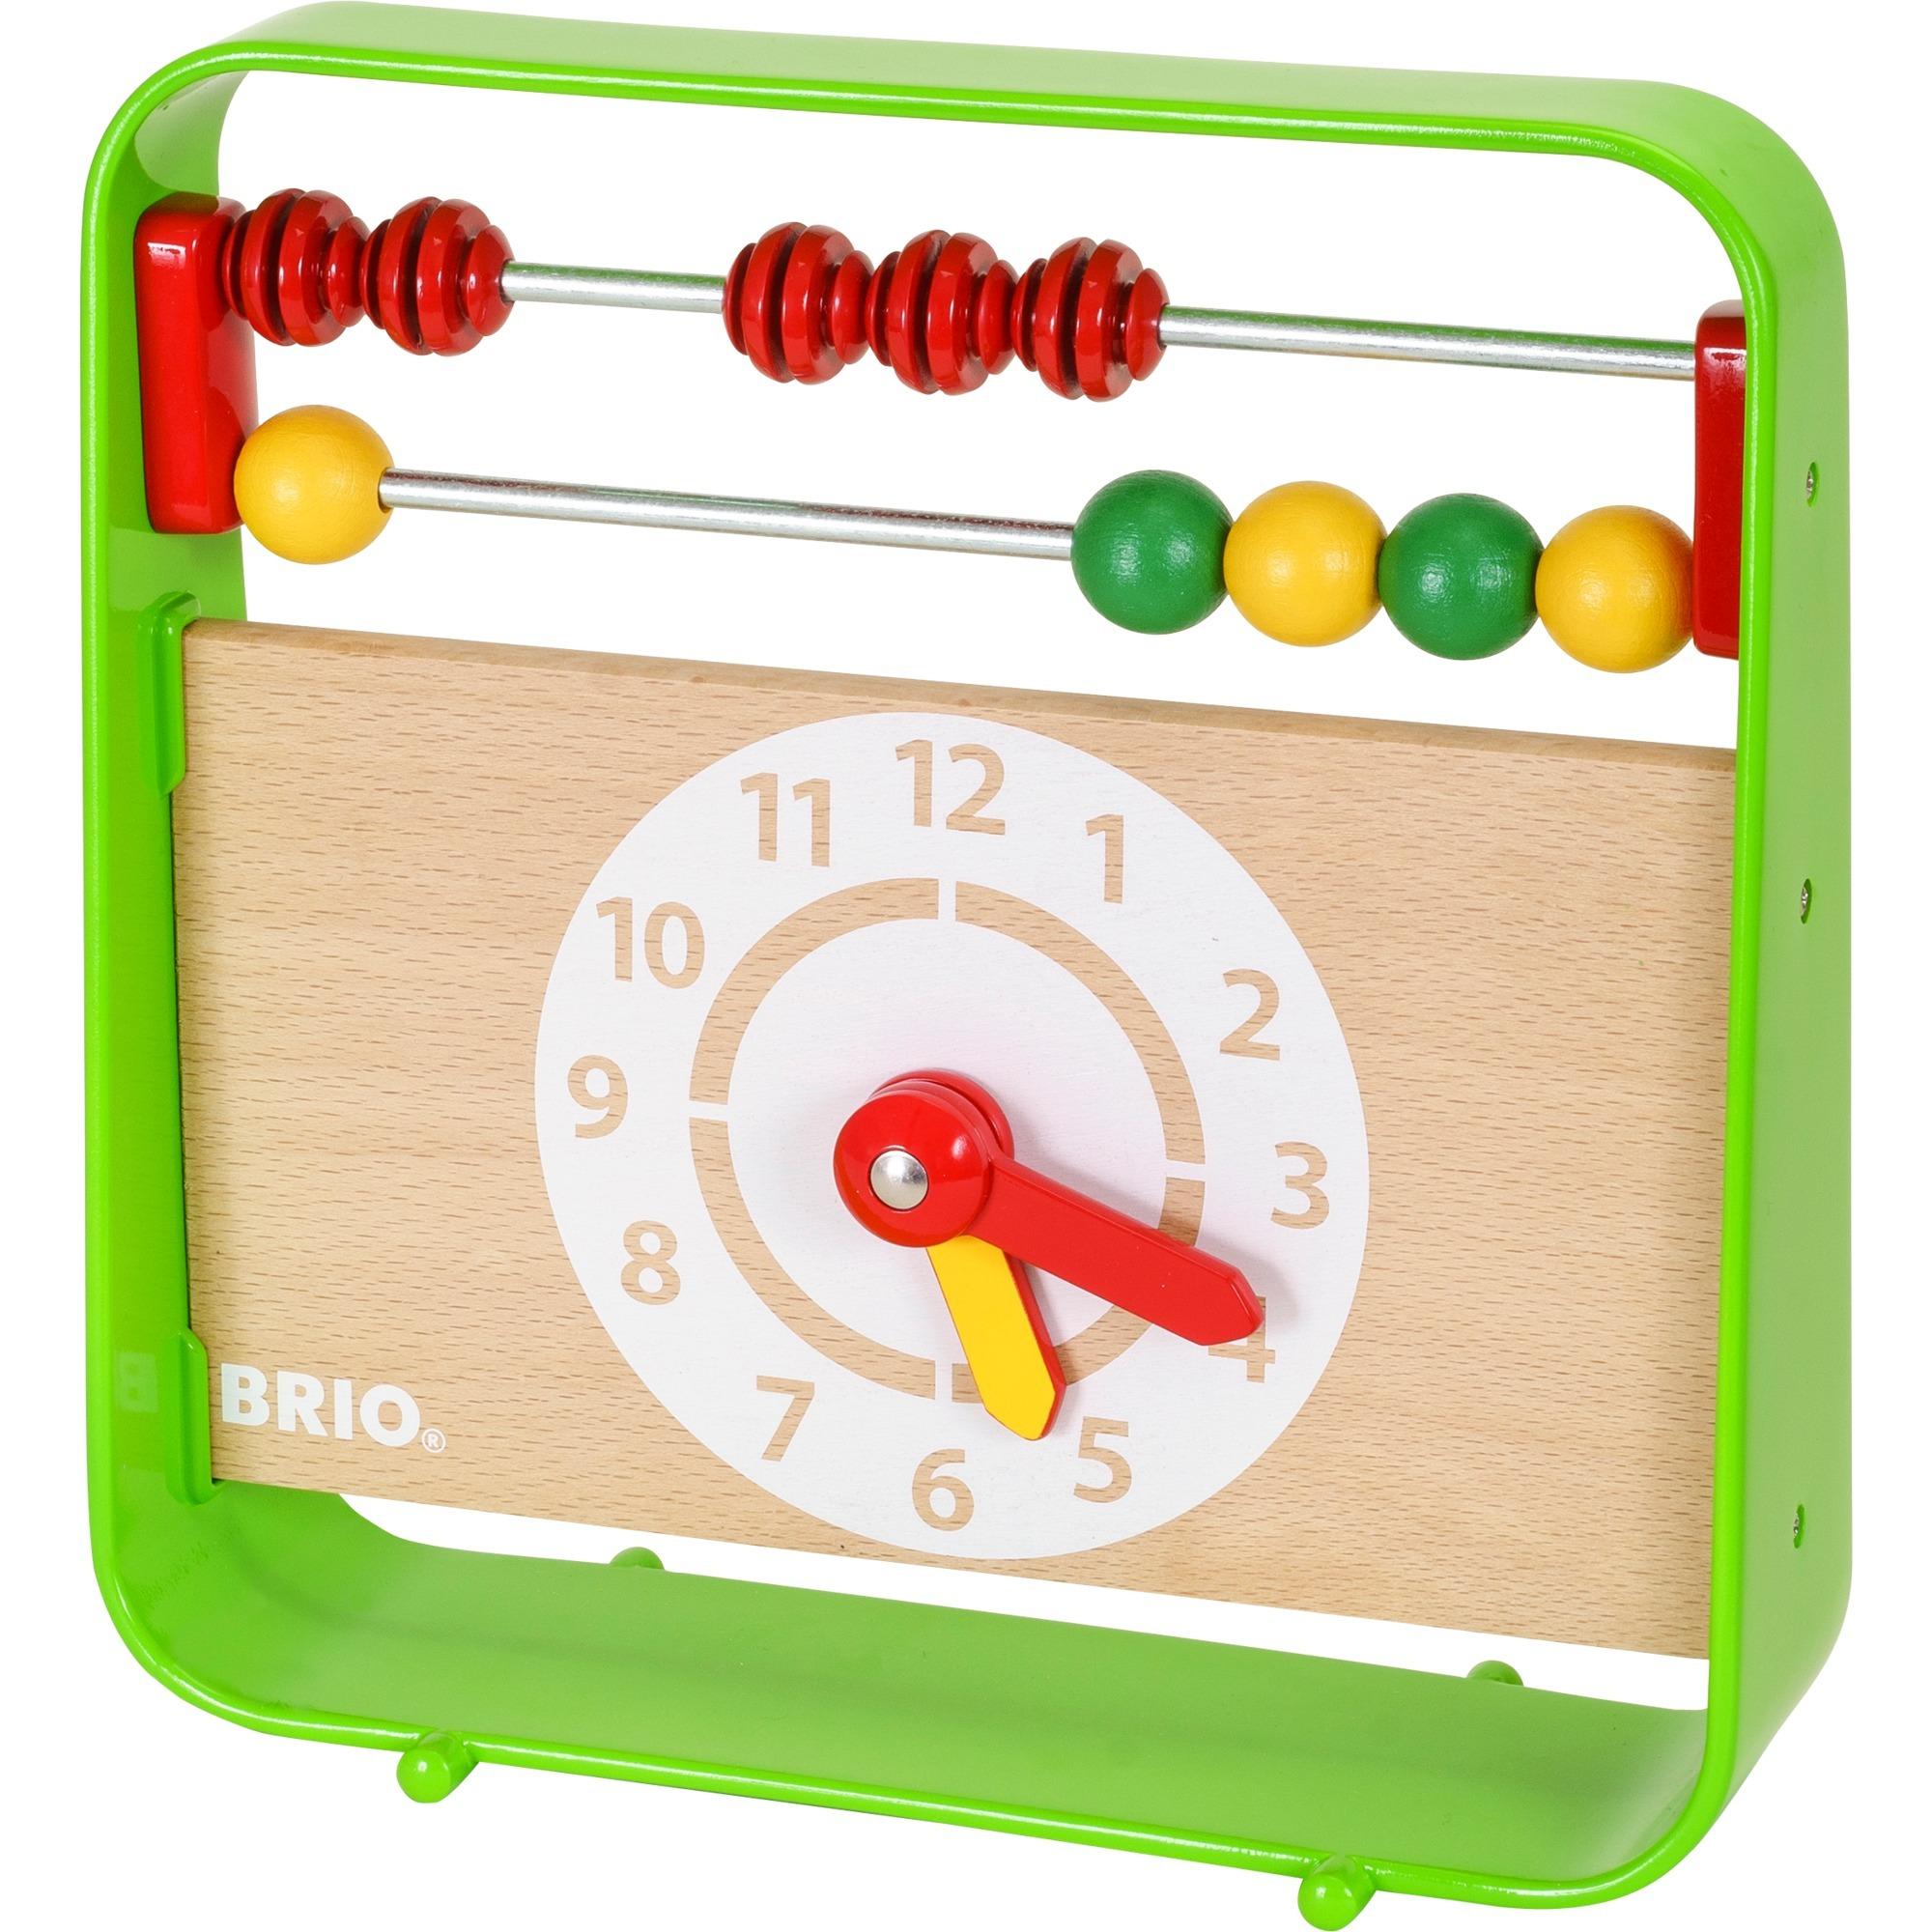 30447 Enfant Garçon/Fille jouet d'apprentissage, Tableaux